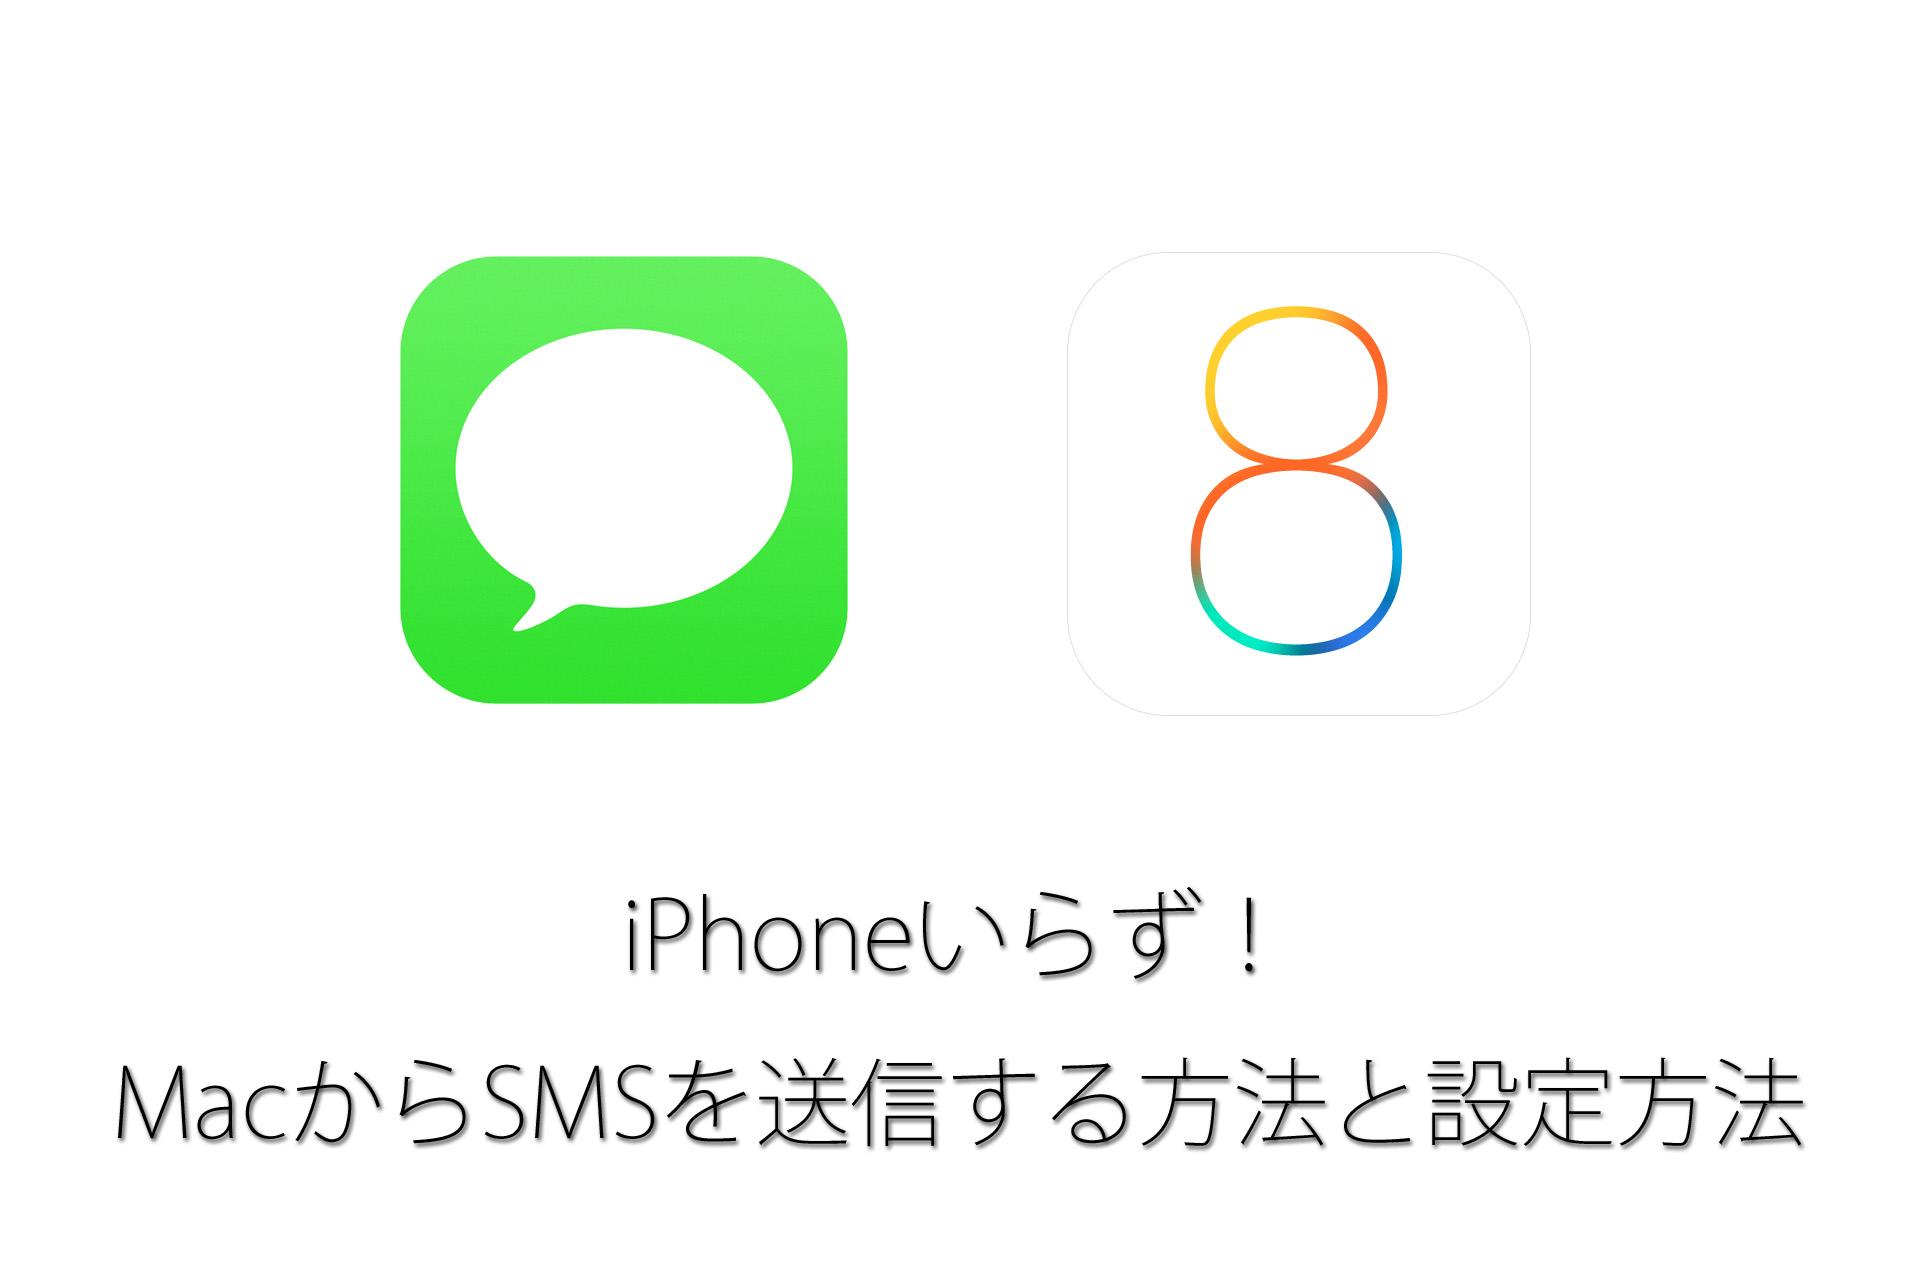 [iOS 8.1の新機能]iPhoneいらず!MacからSMSを送信する方法と設定方法